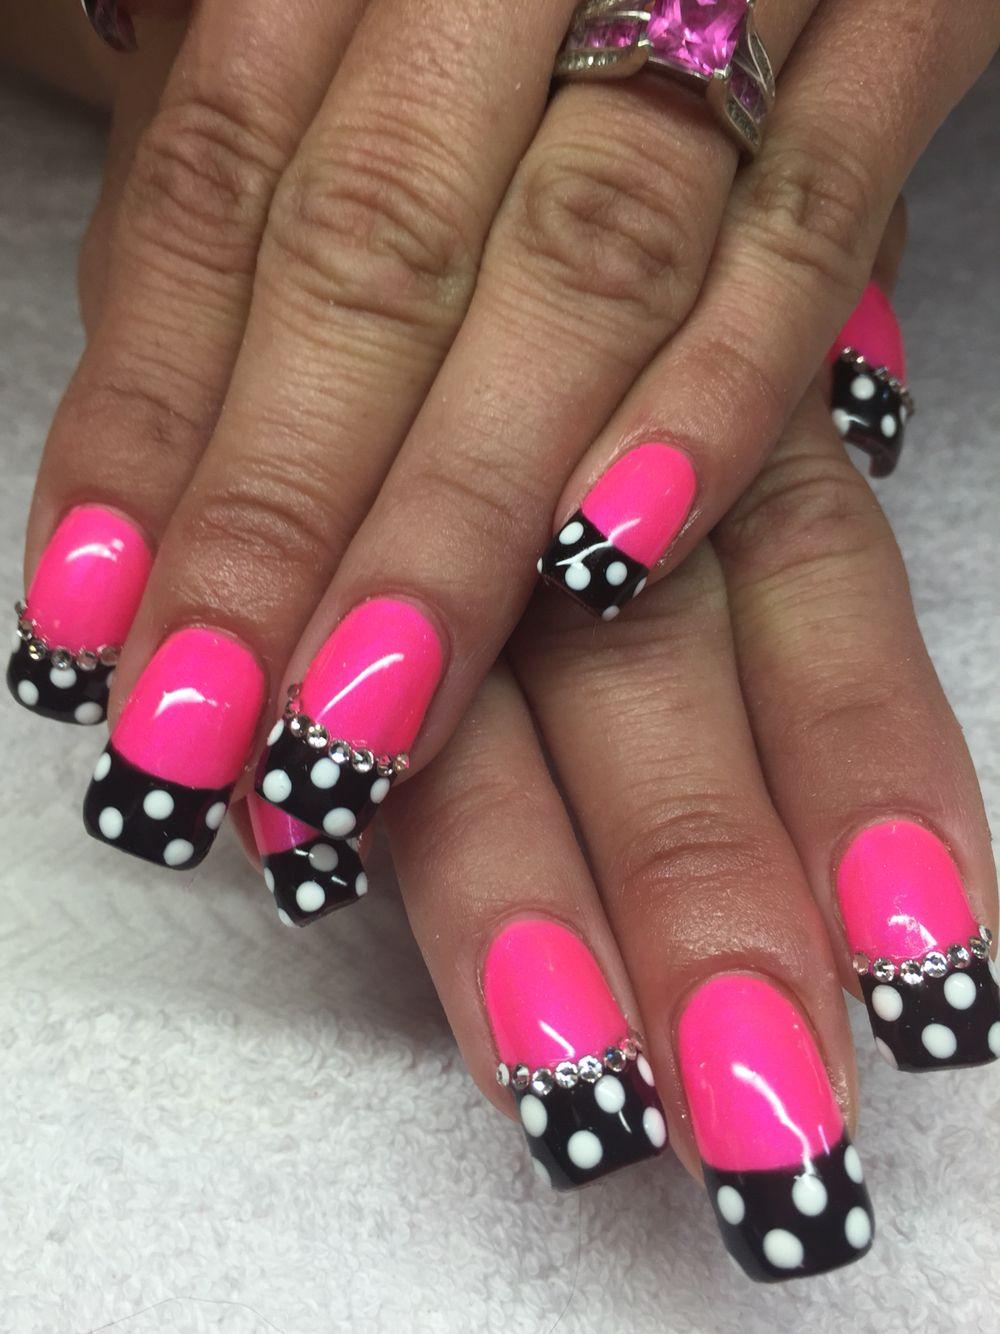 Hot Pink And Black With Polkadots Nails Nailart Nails Ive Done